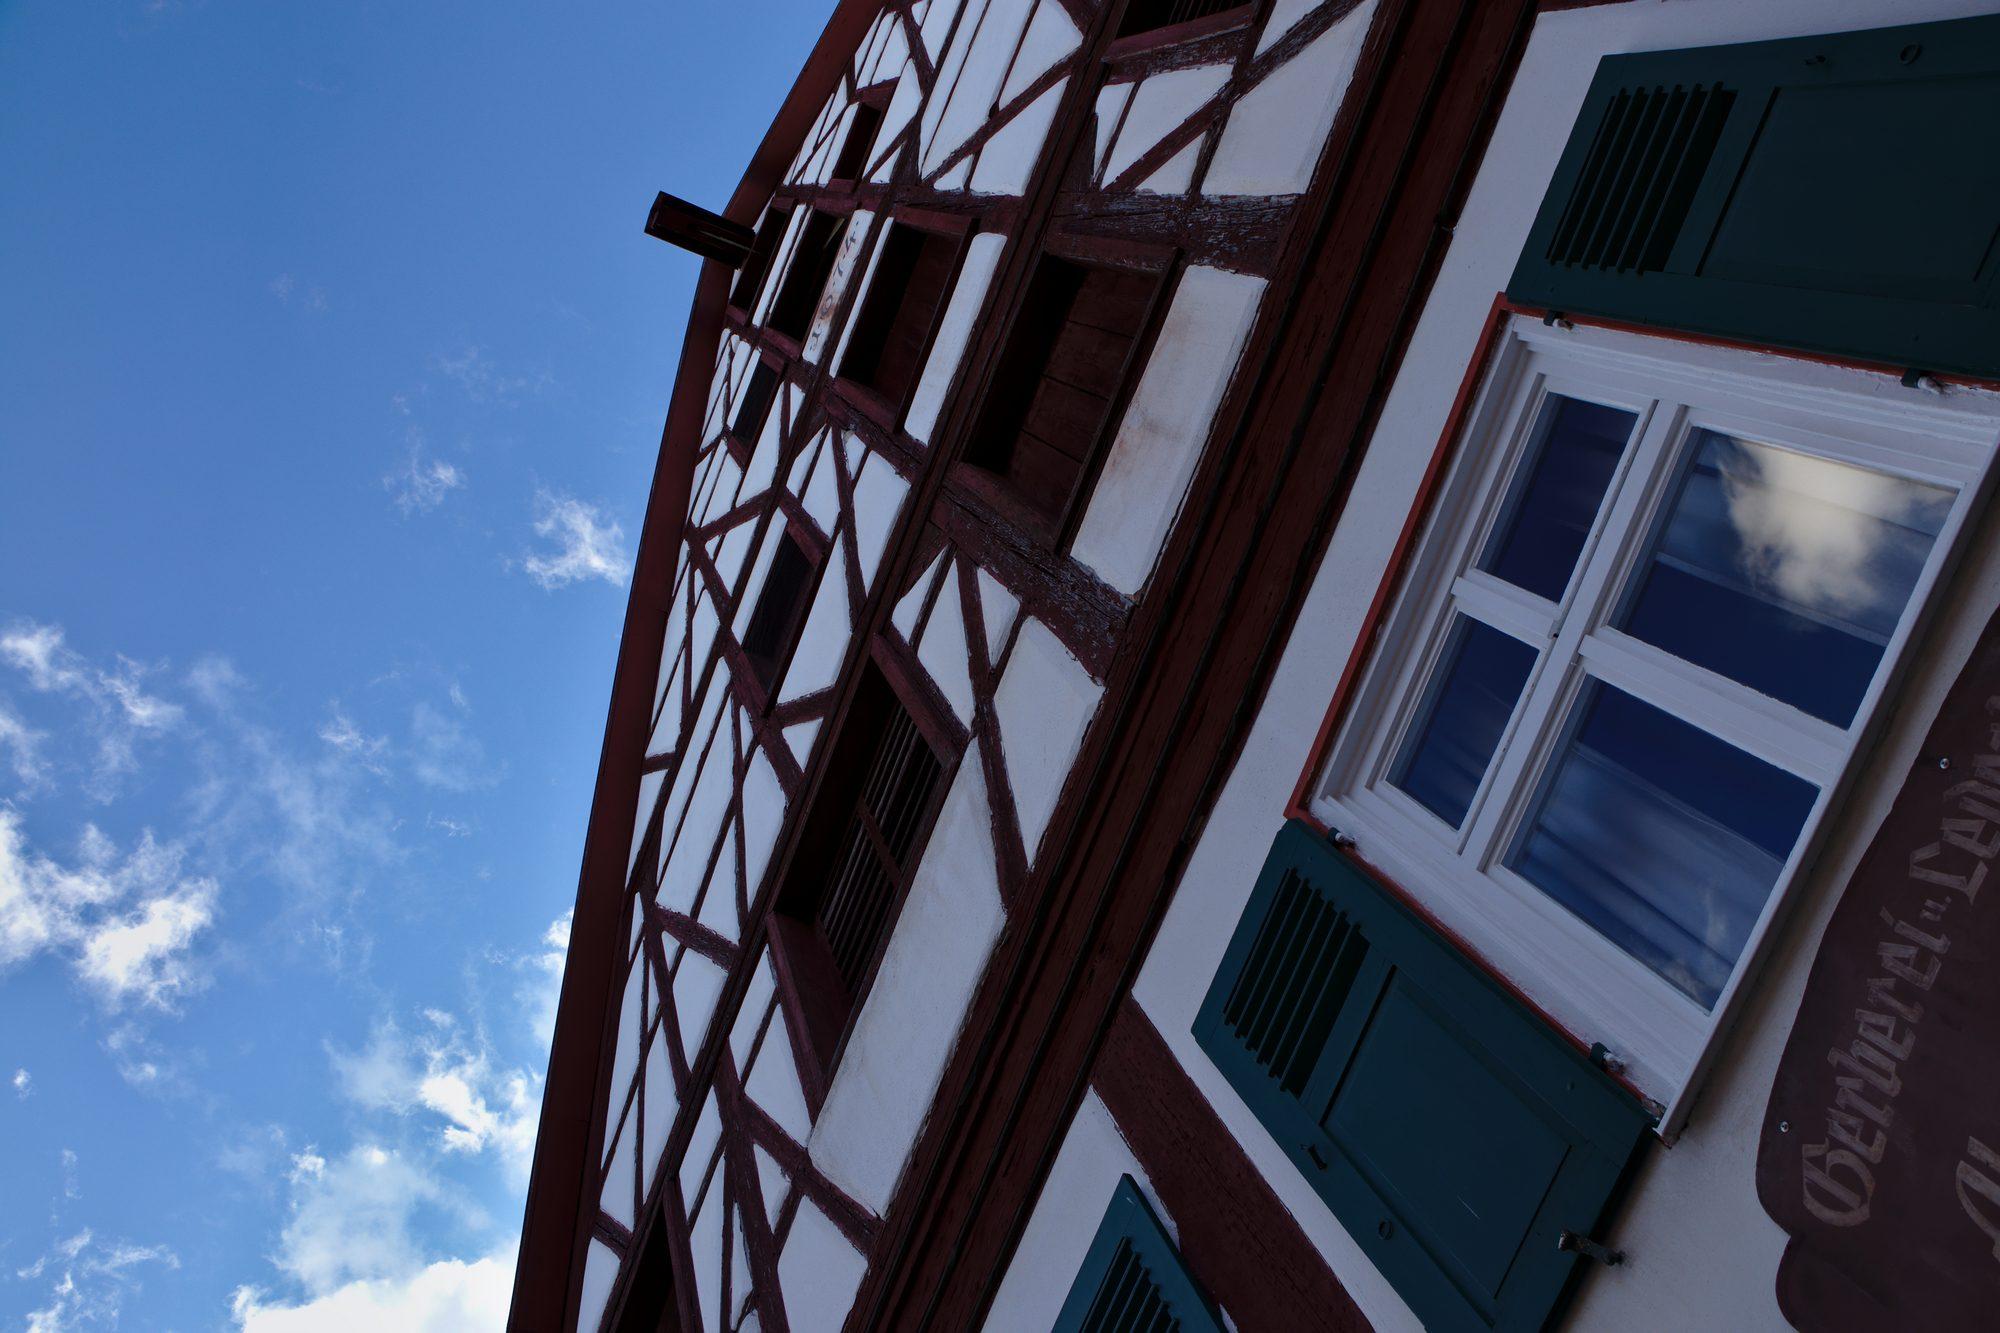 Fassade eines Fachwerkhauses in der Altstadt von Nördlingen